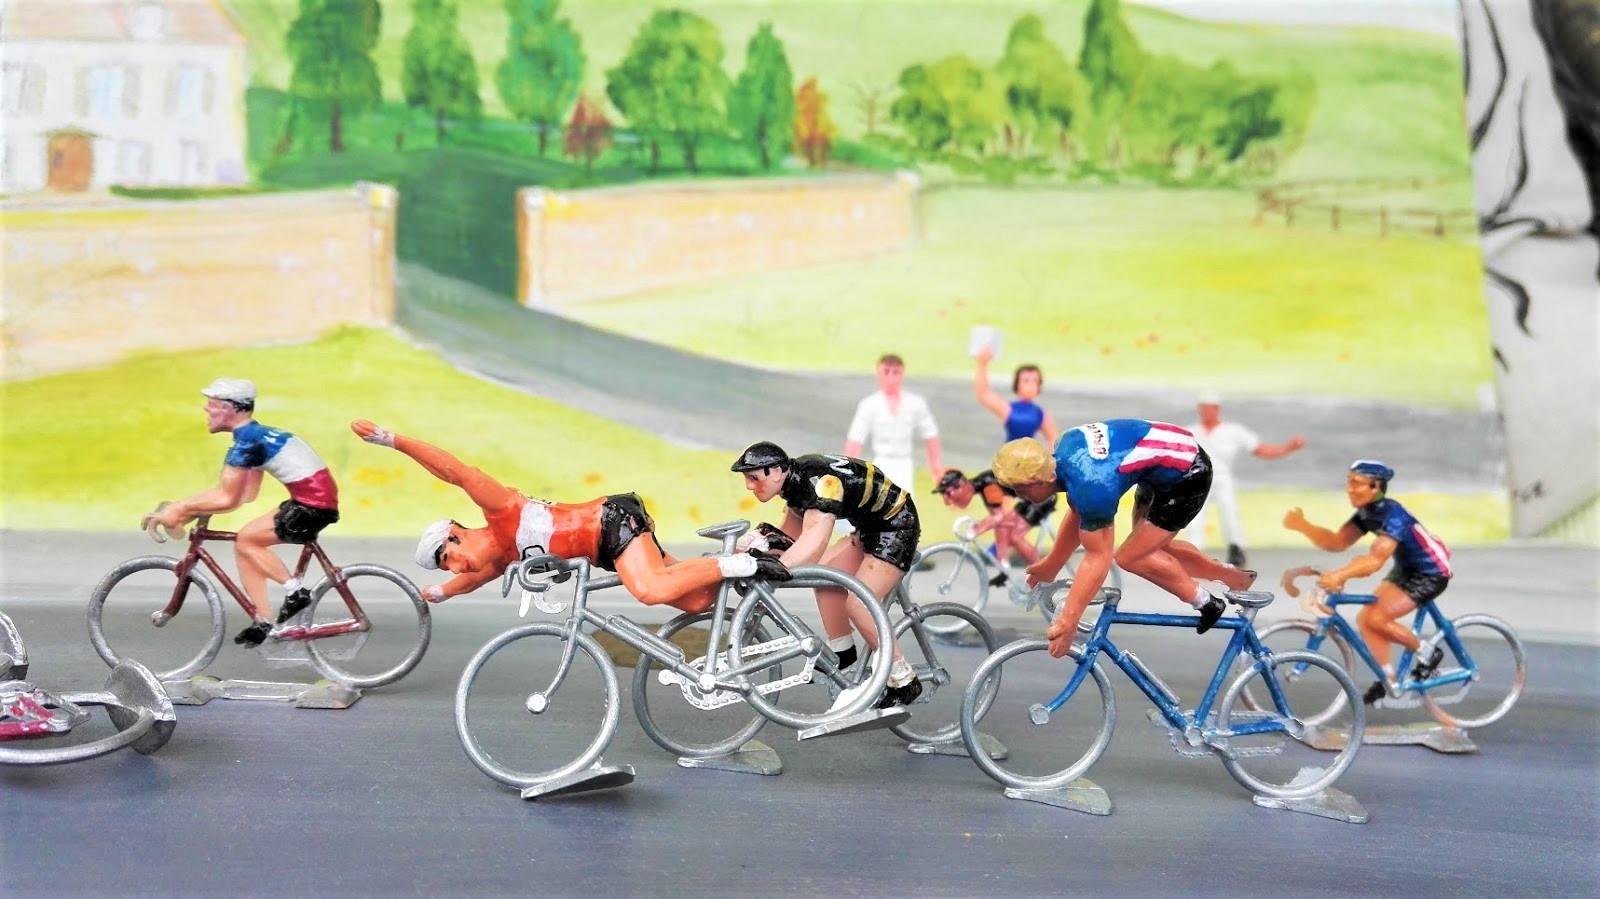 les accidents de vélo comment les éviter